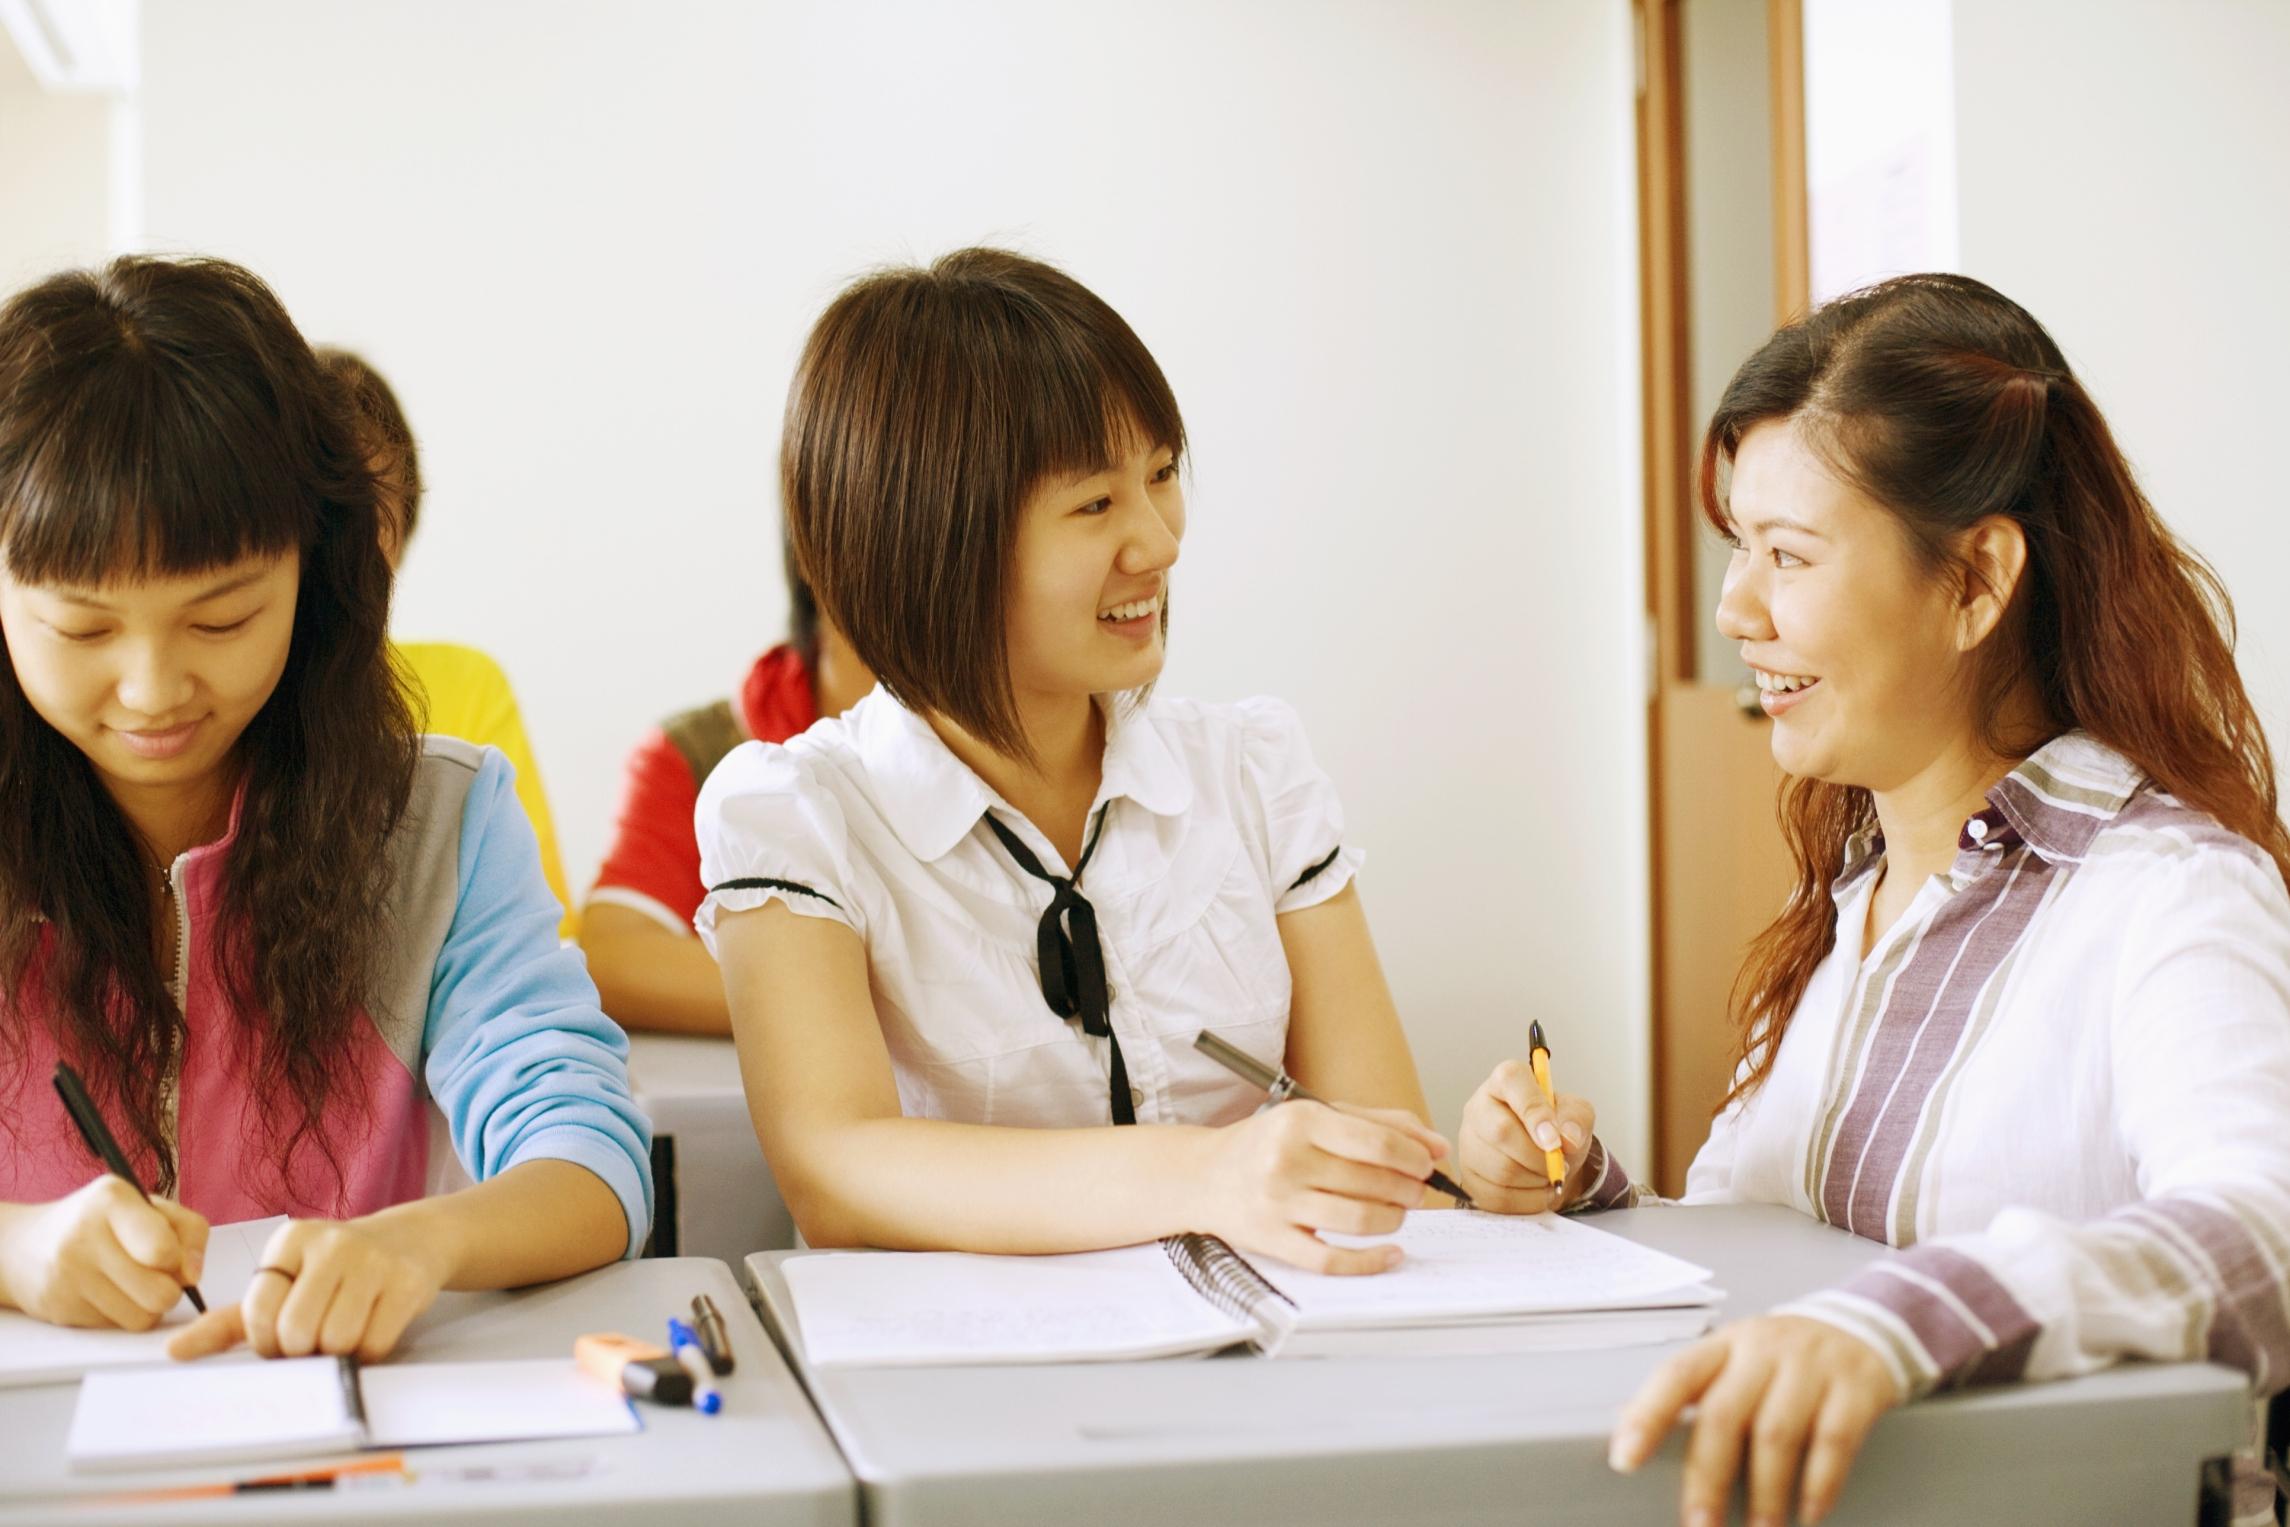 美国高中留学申请学术条件及语言要求